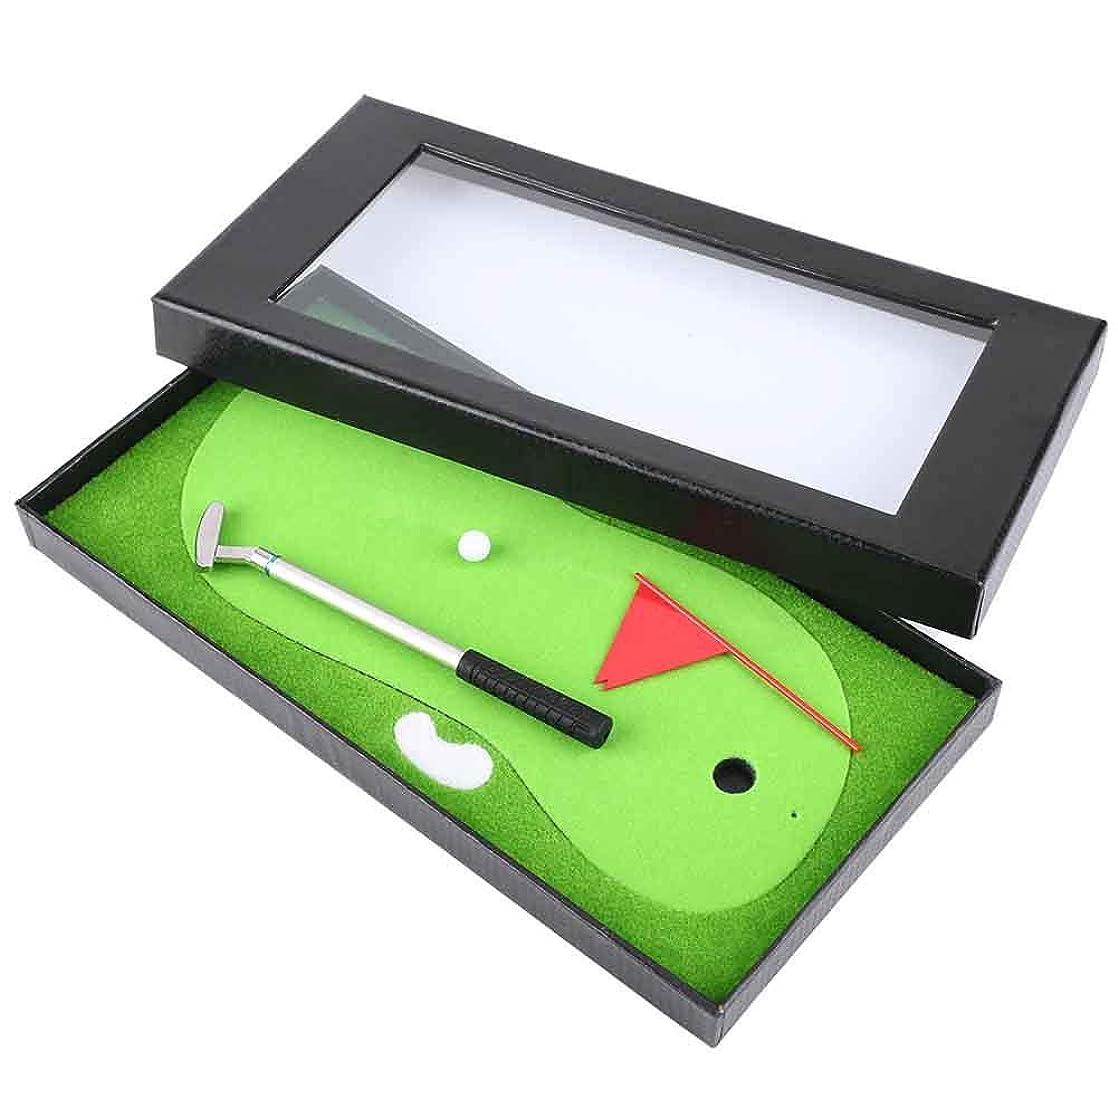 立法分解する指ゴルフペンセット ペン ゴルフボール 旗 ゴルフマット 文房具 景品 ギフト 面白い 記念品 ゴルフアクセサリー